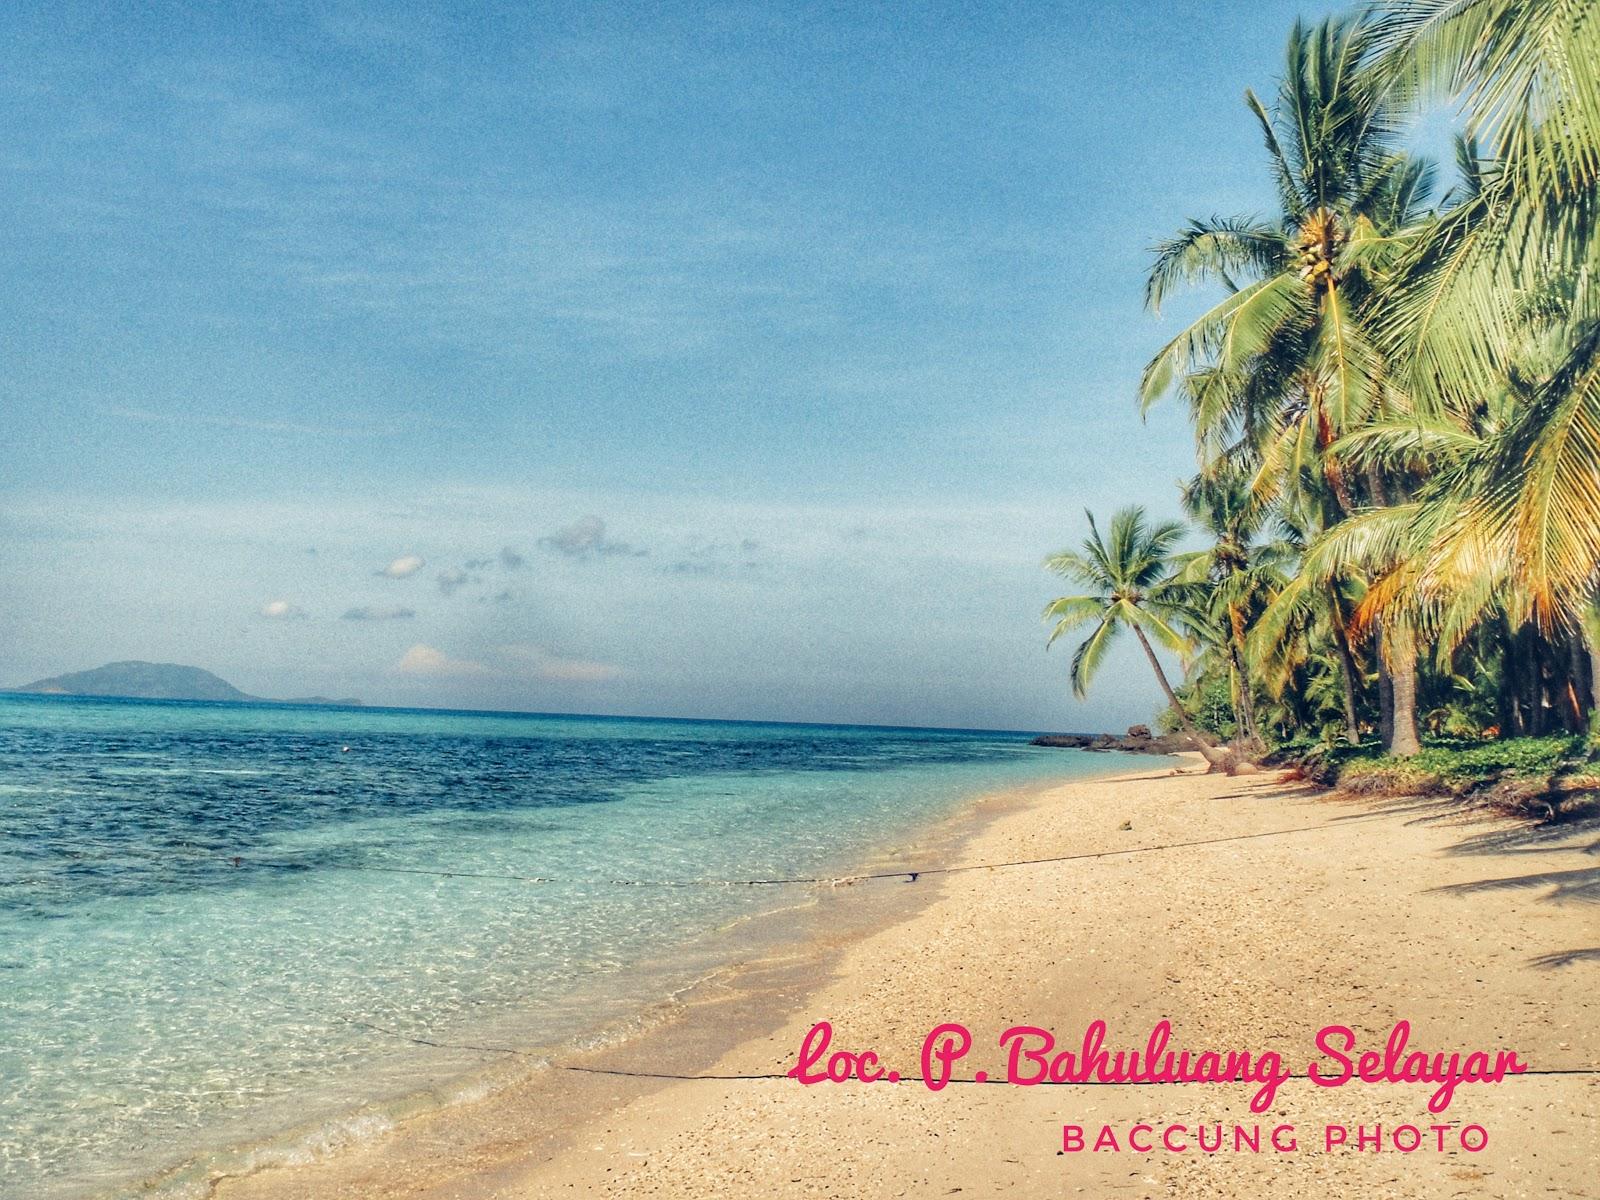 Eksotis Pulau Bahuluang Selayar Merangkaihati Blogspot Com